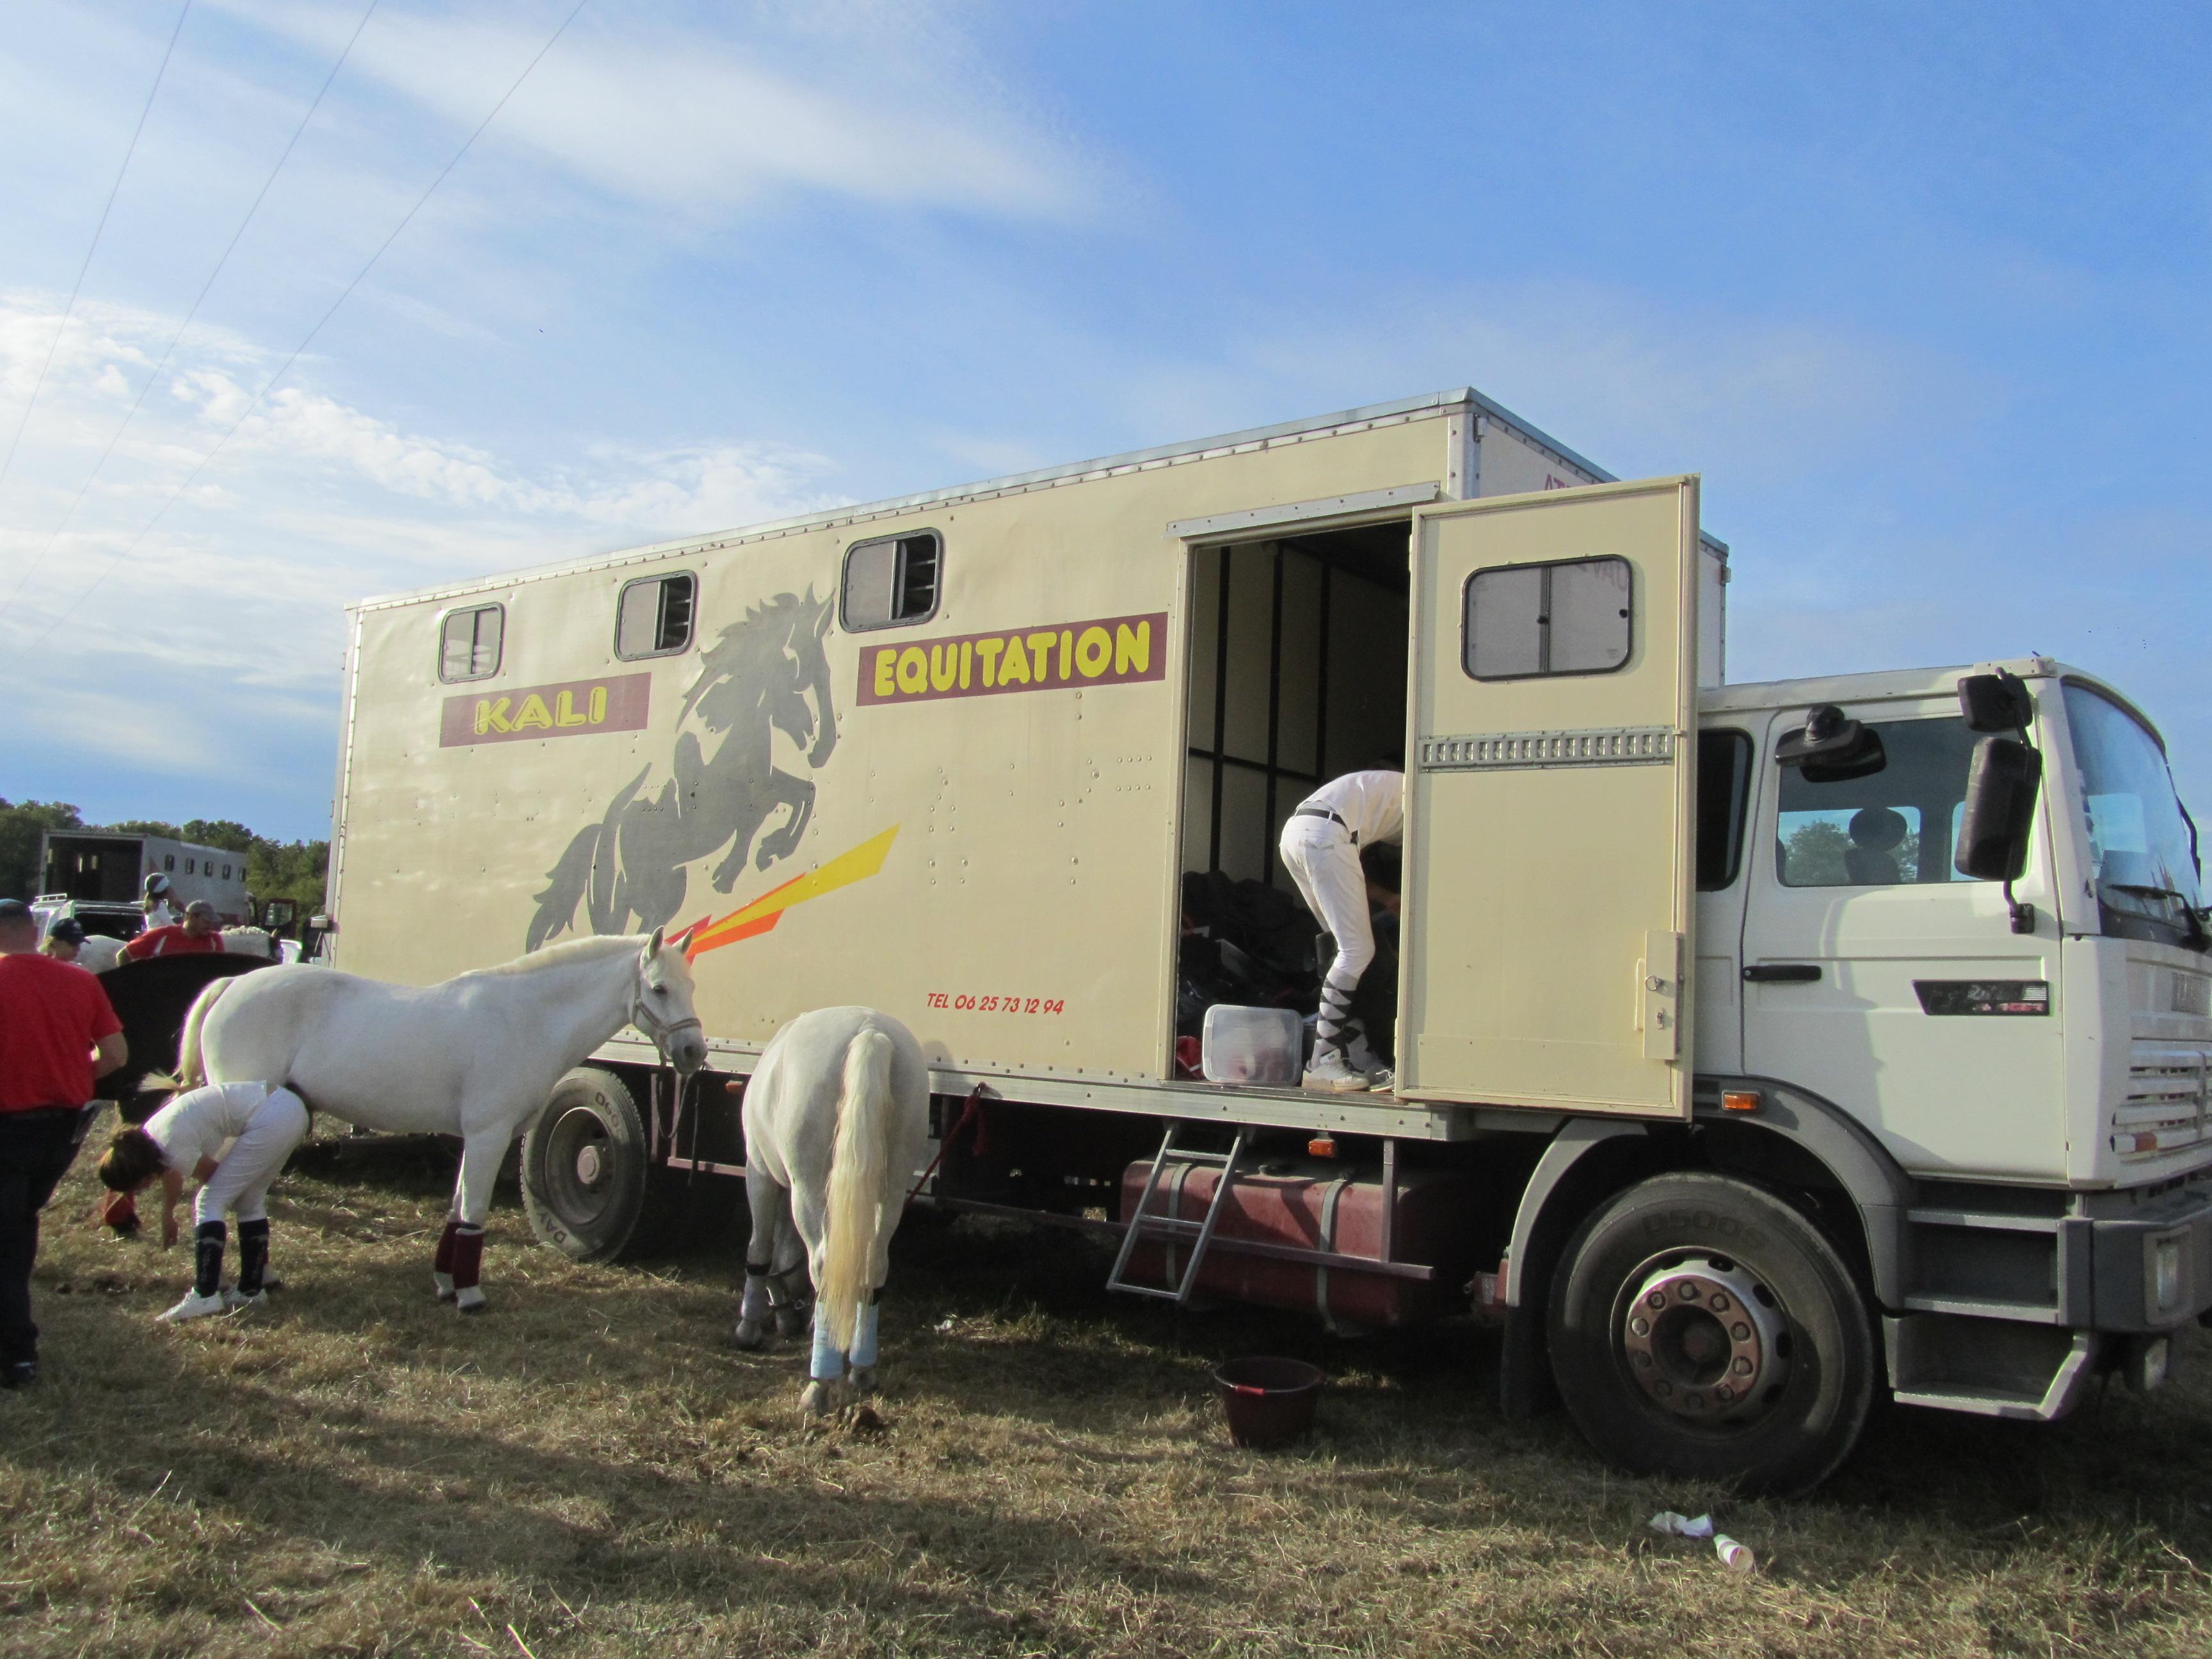 Camion en concours